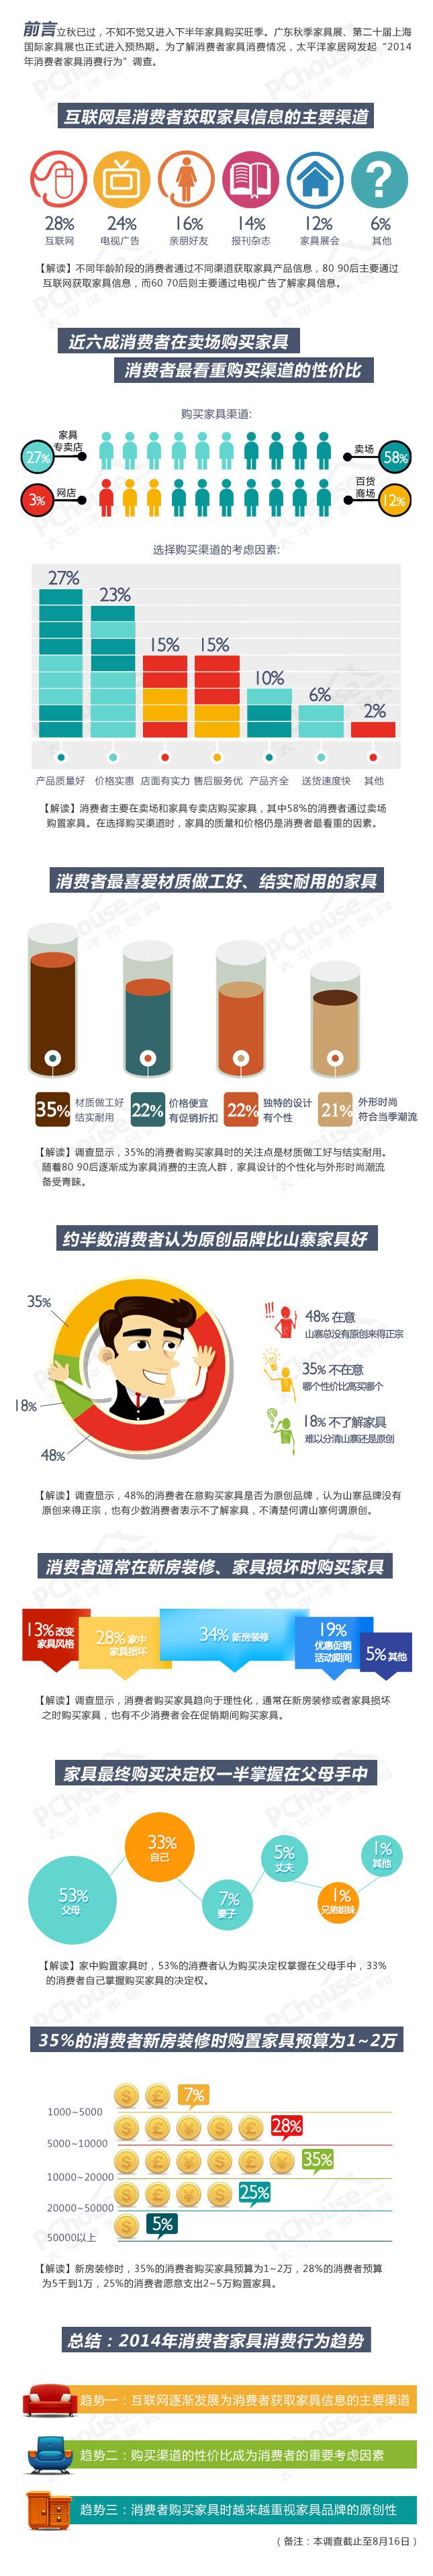 2014年家具消费行为调查